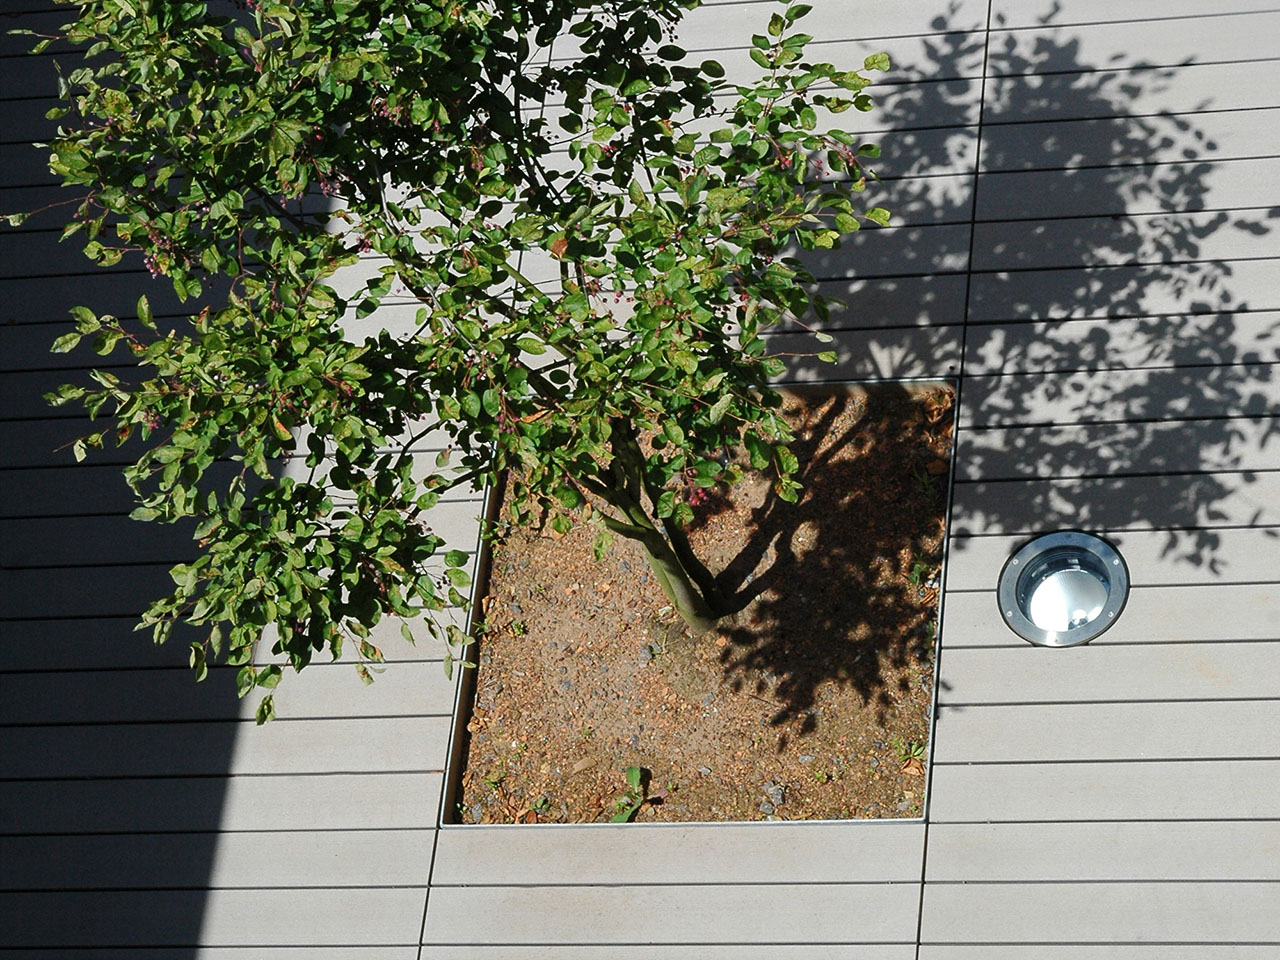 Terrasse mit WPC Terrassendielen und integrierter Bepflanzung mit Baum von oben